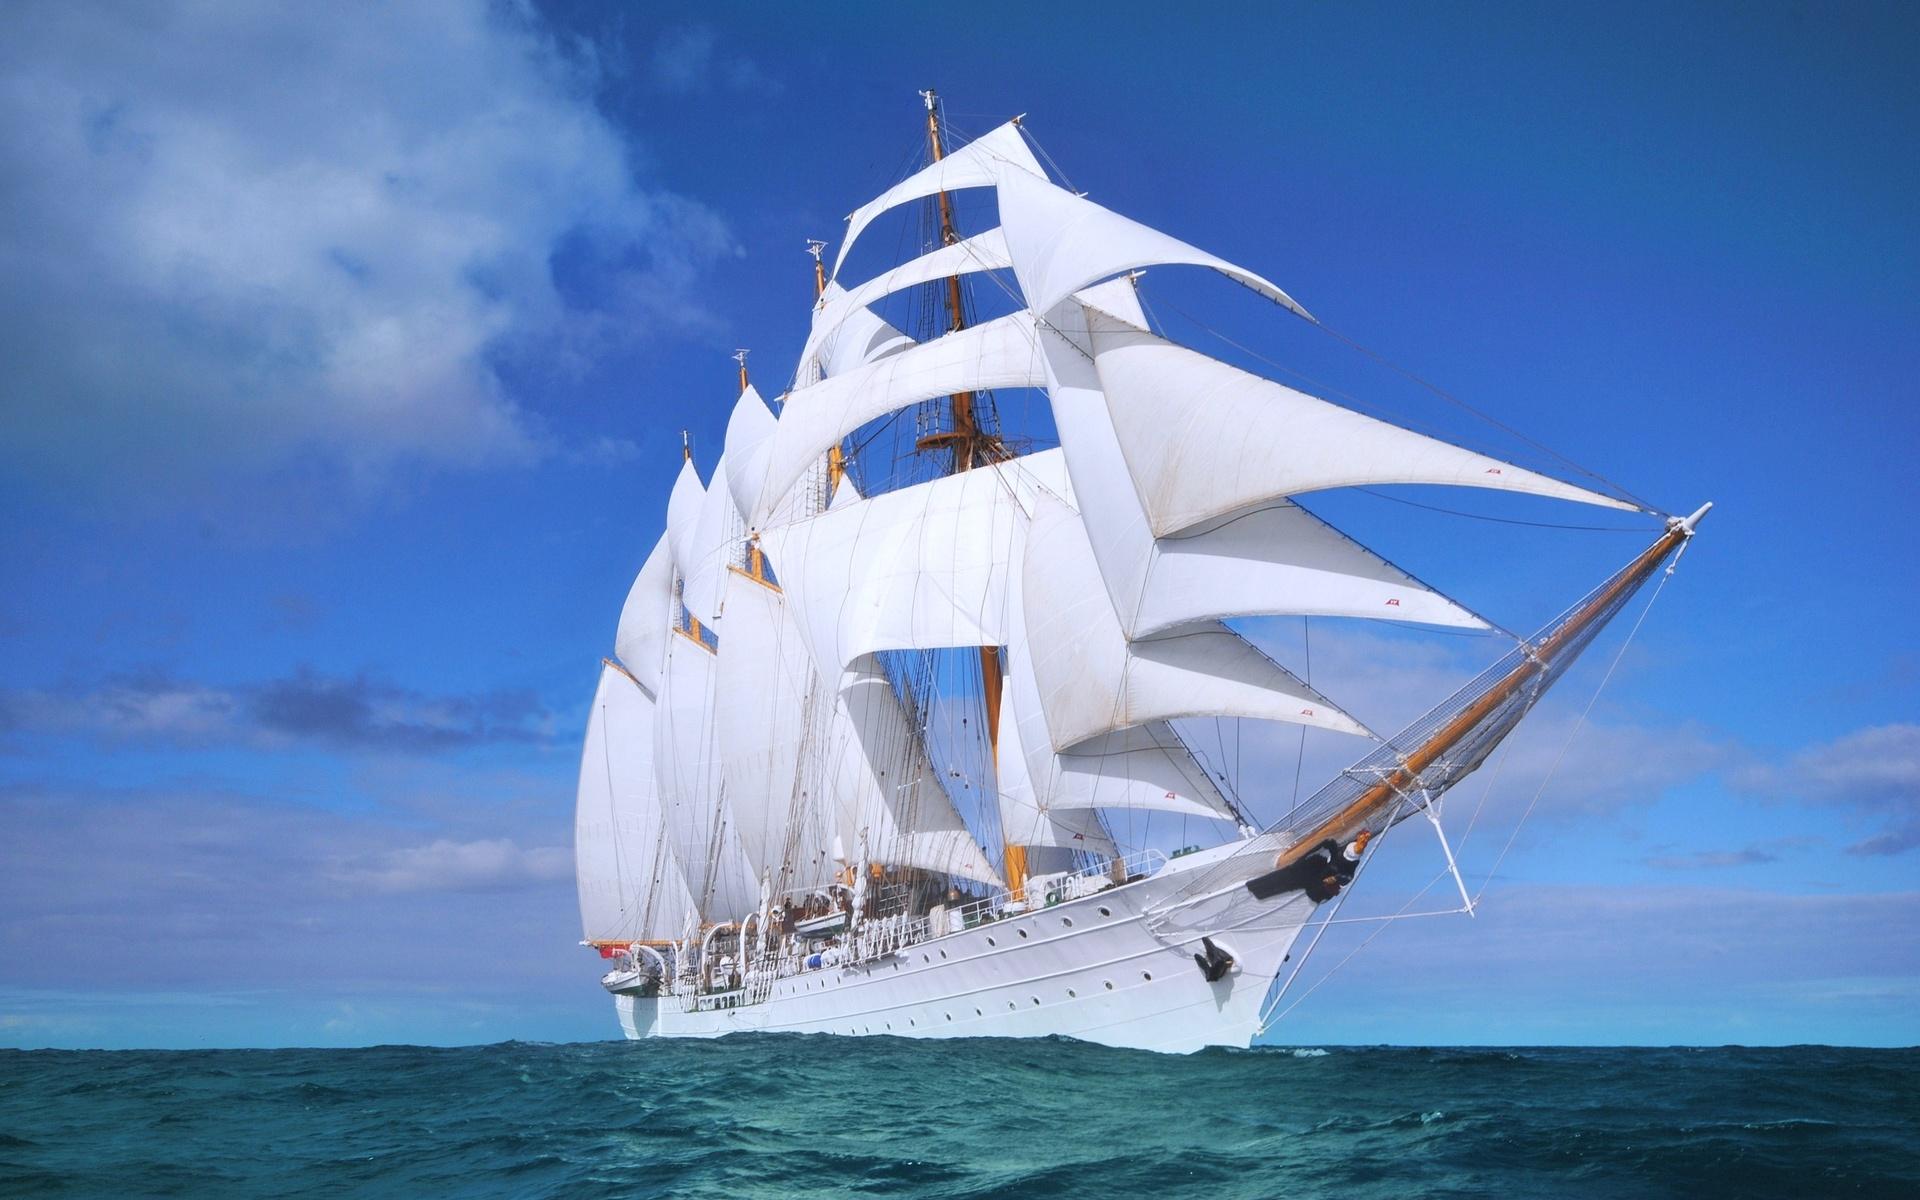 Классные картинки кораблей в море